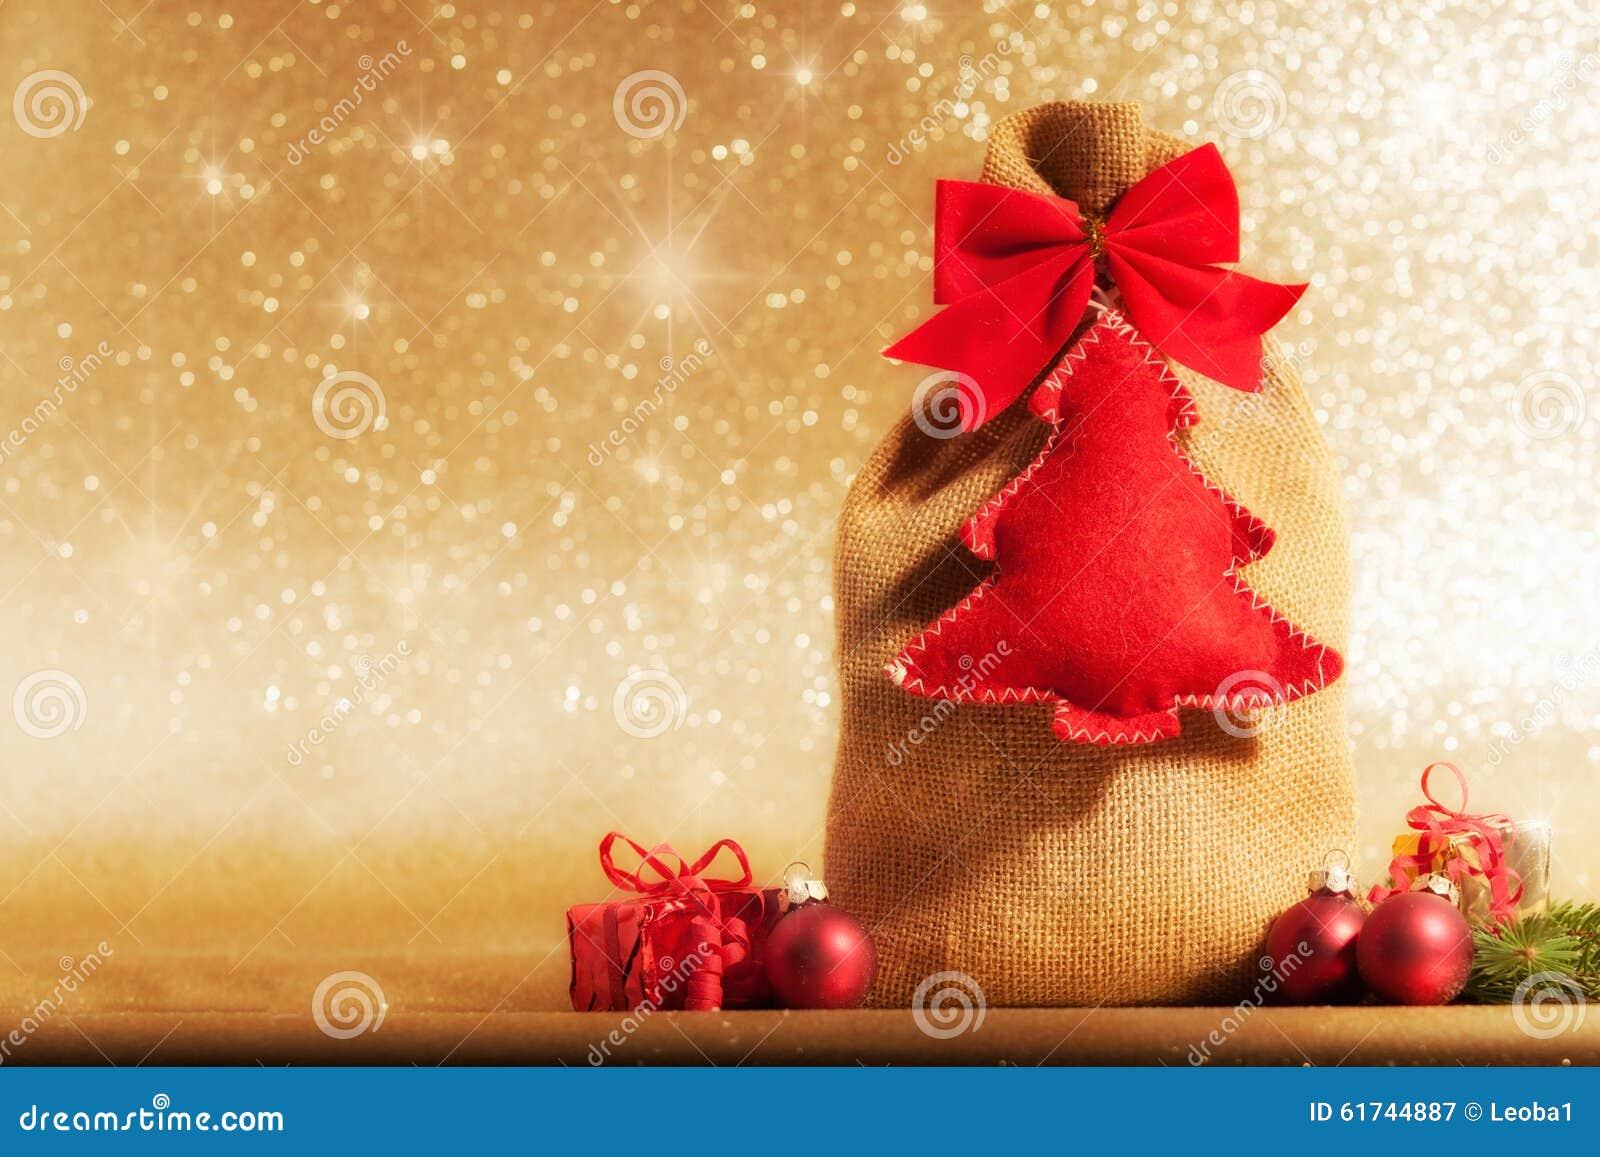 Nicholas/Weihnachten Vor Goldenem Hintergrund Stockbild - Bild von ...